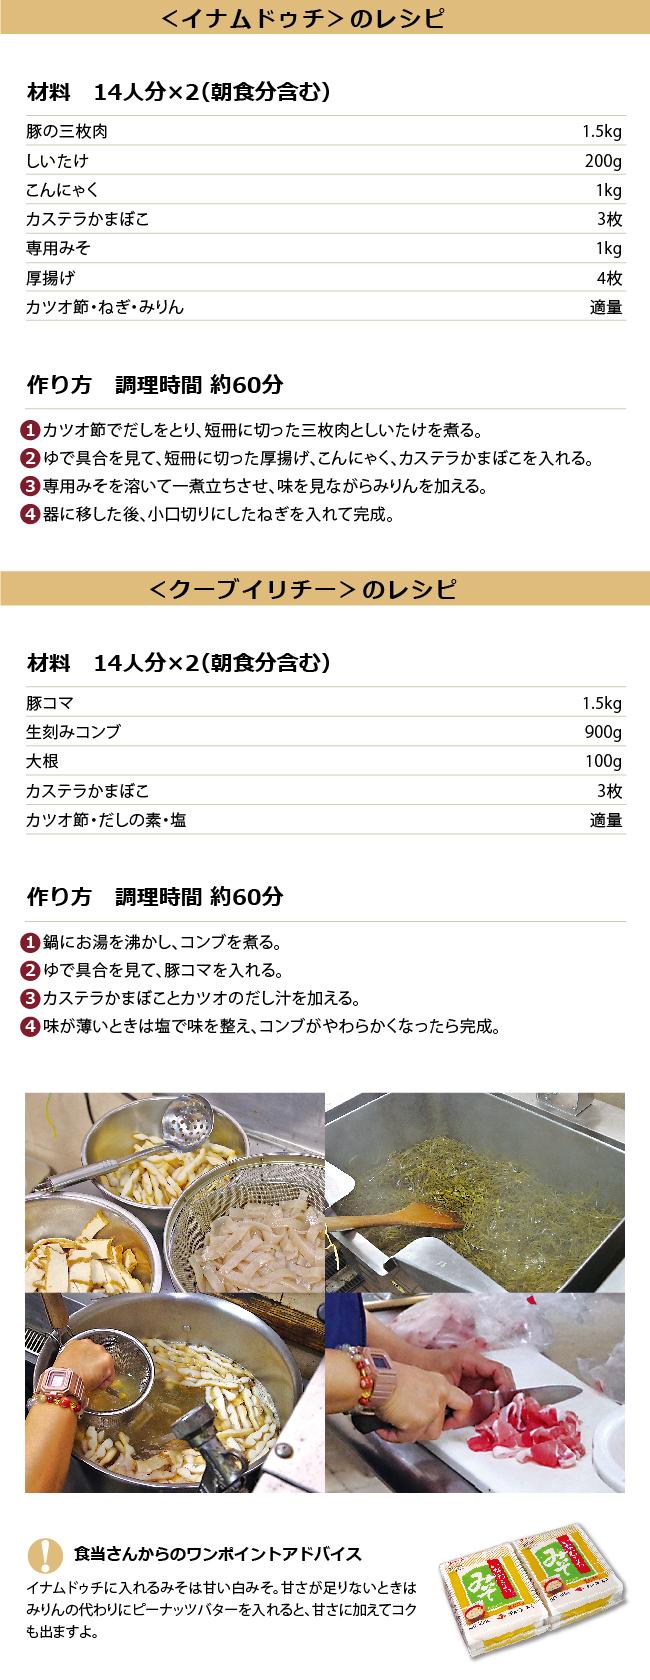 イナムドゥチとクーブイリチーのレシピ